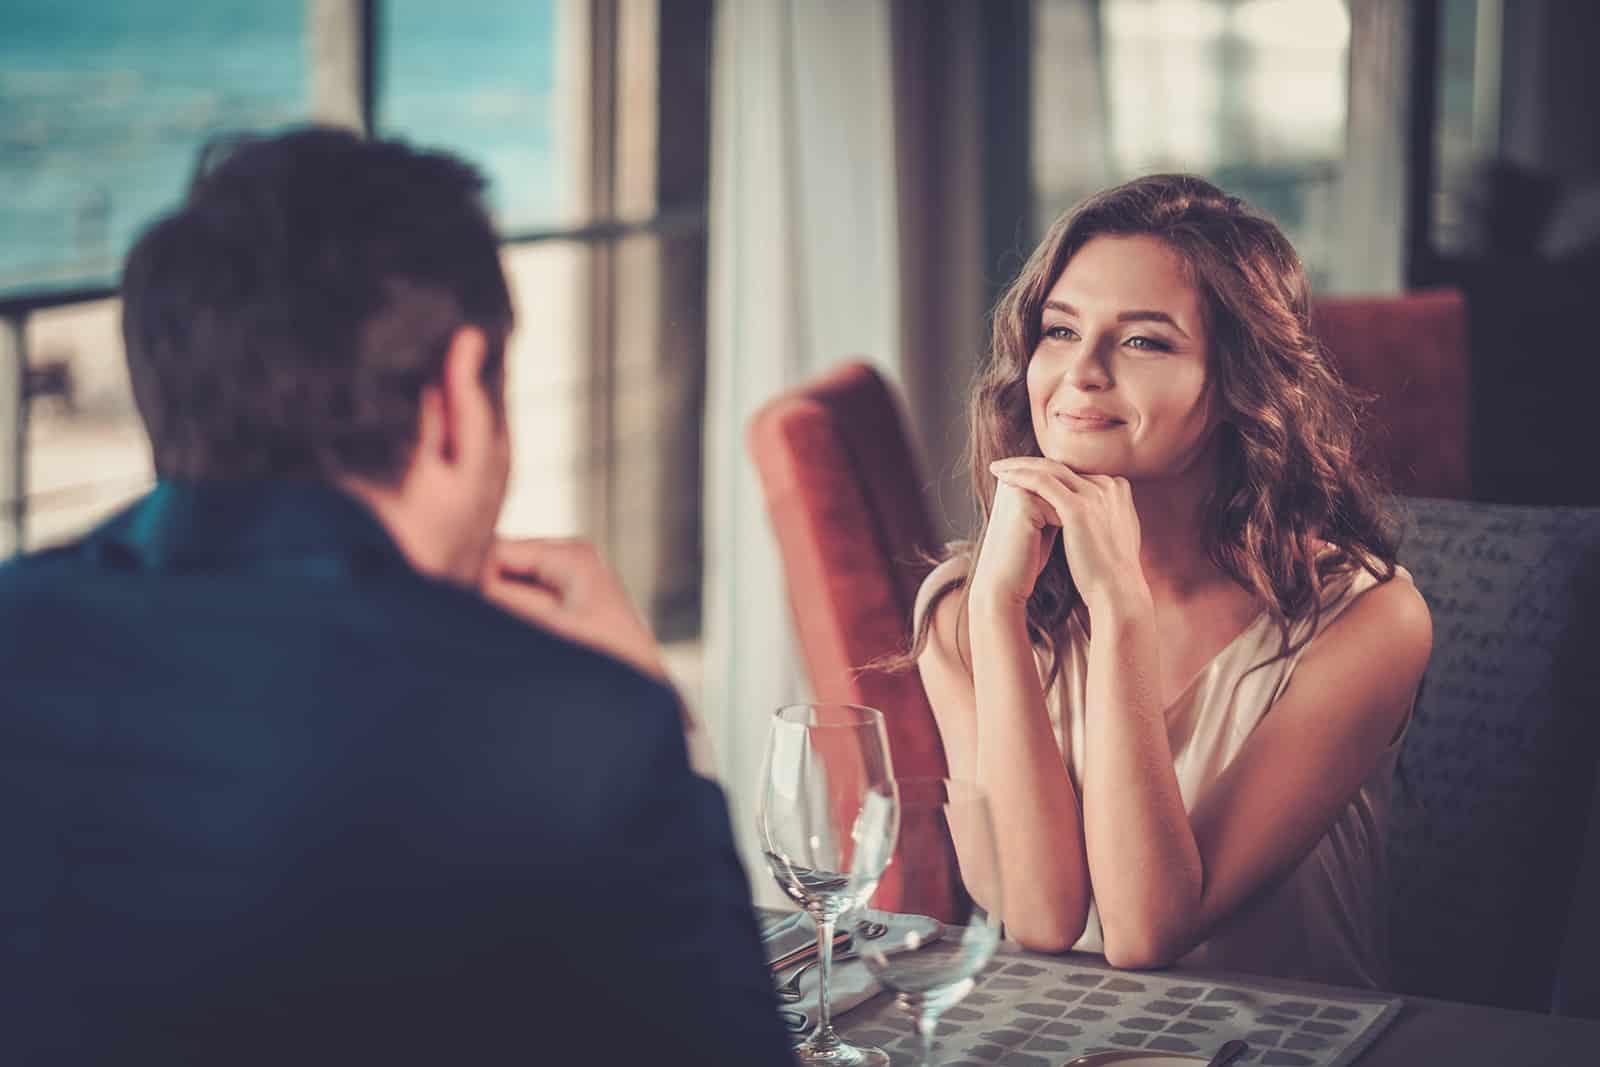 eine lächelnde Frau, die einen Mann bei einem Date in einem Restaurant bewundert